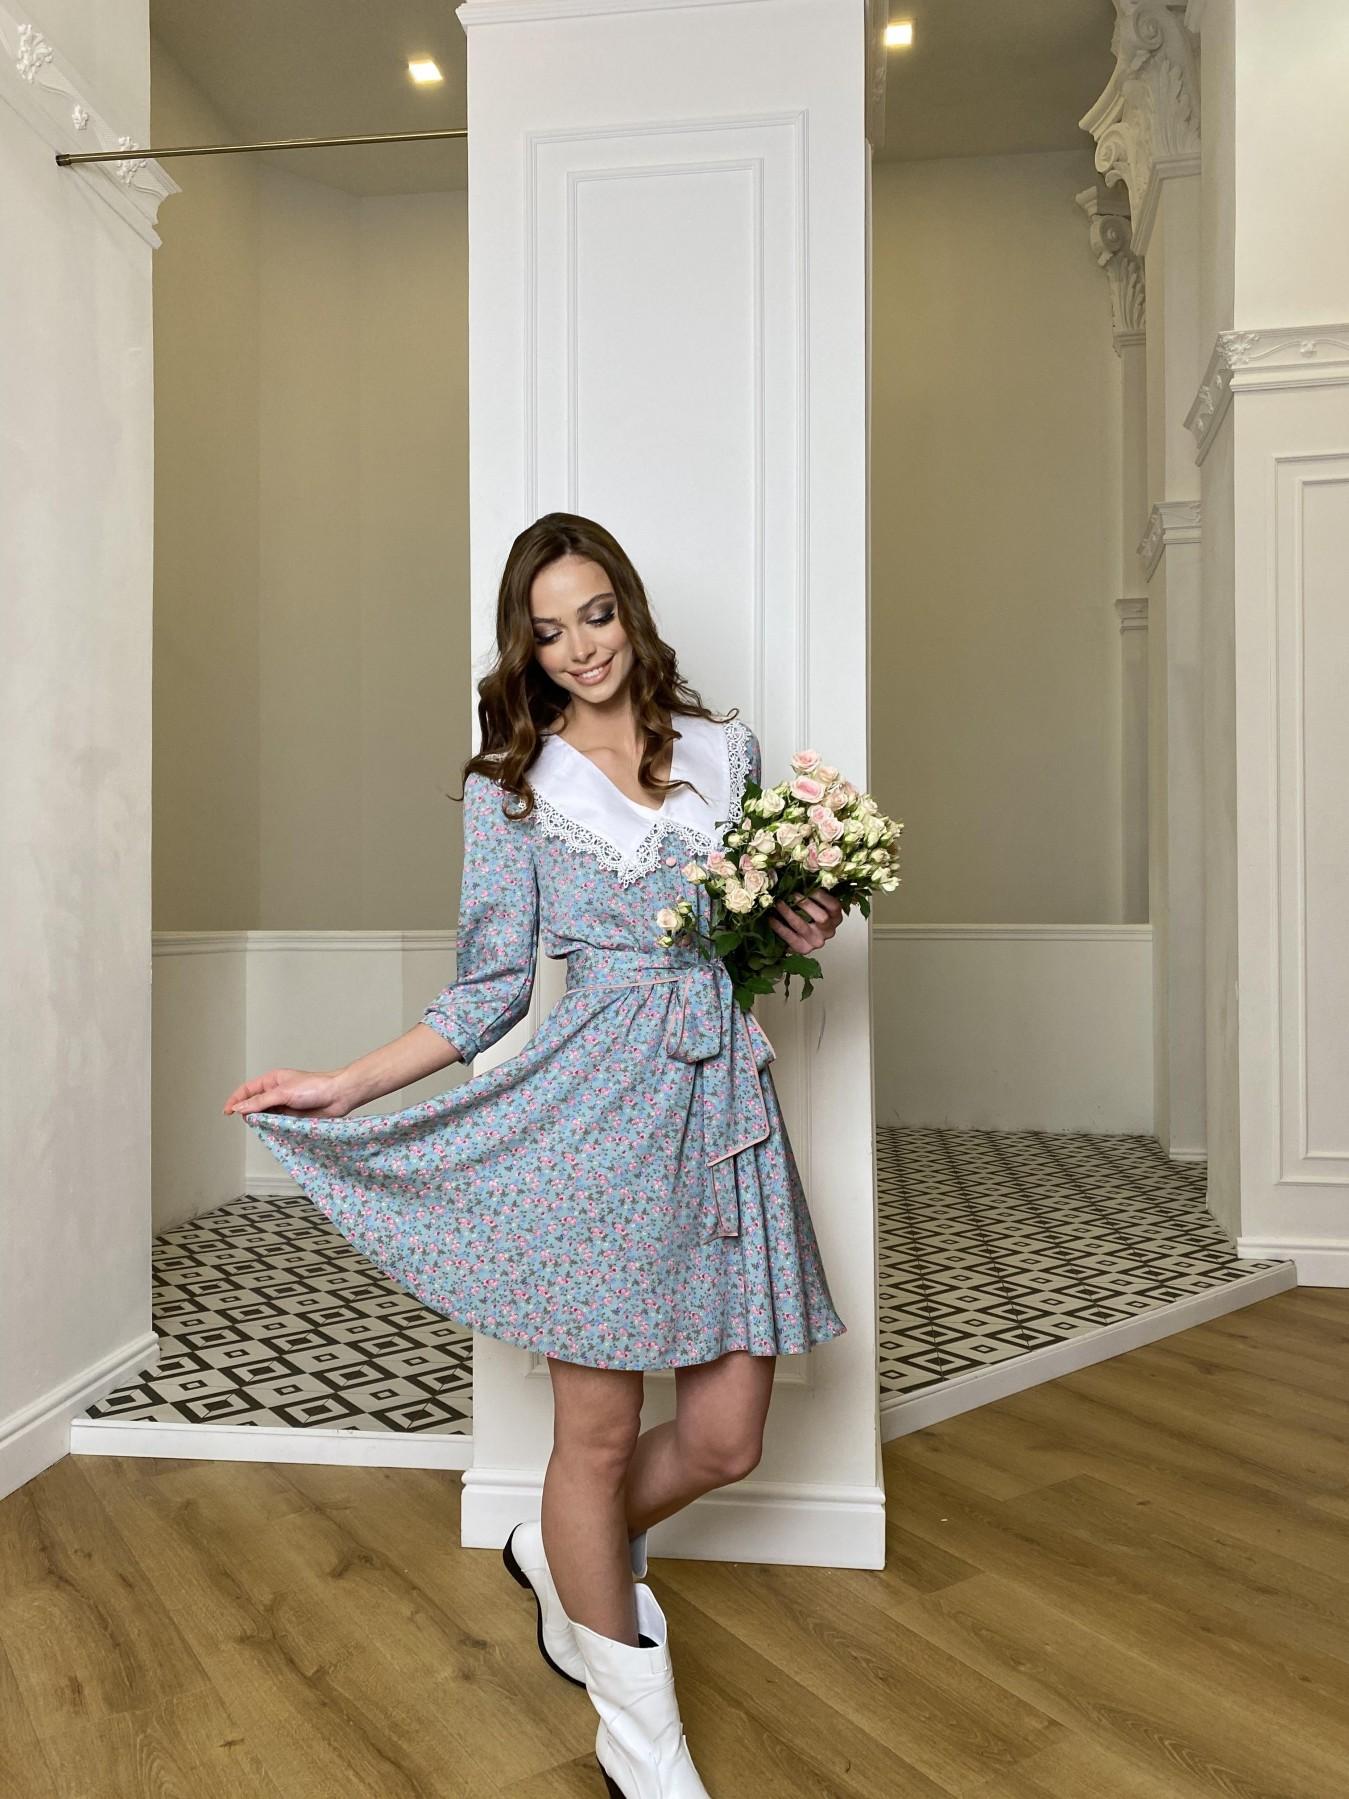 Джейн платье  костюмка штапель принт 10881 АРТ. 47419 Цвет: Цветы мел олива/роз/гол - фото 5, интернет магазин tm-modus.ru